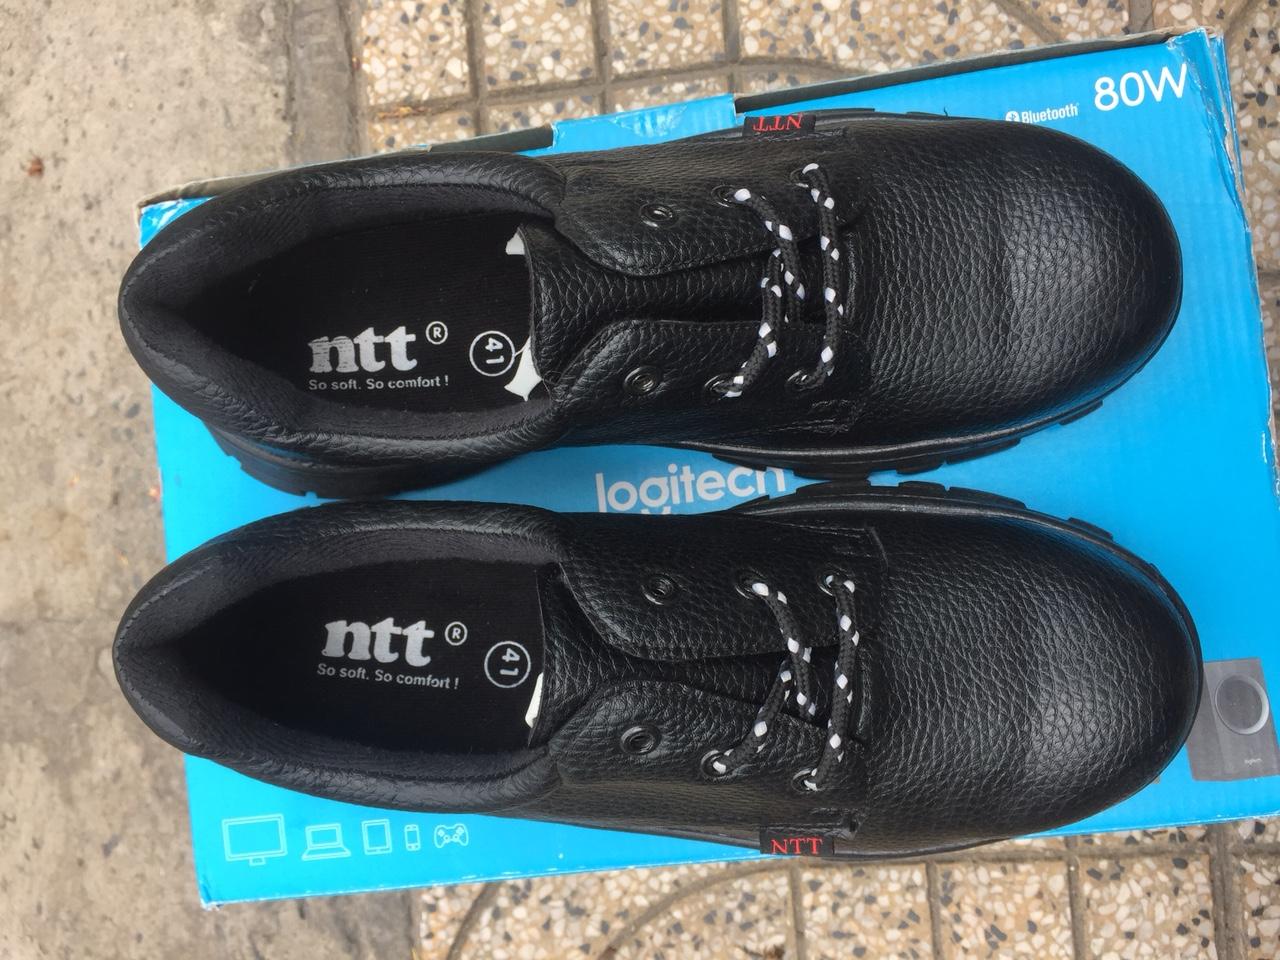 Giày mũi sắt loại thường